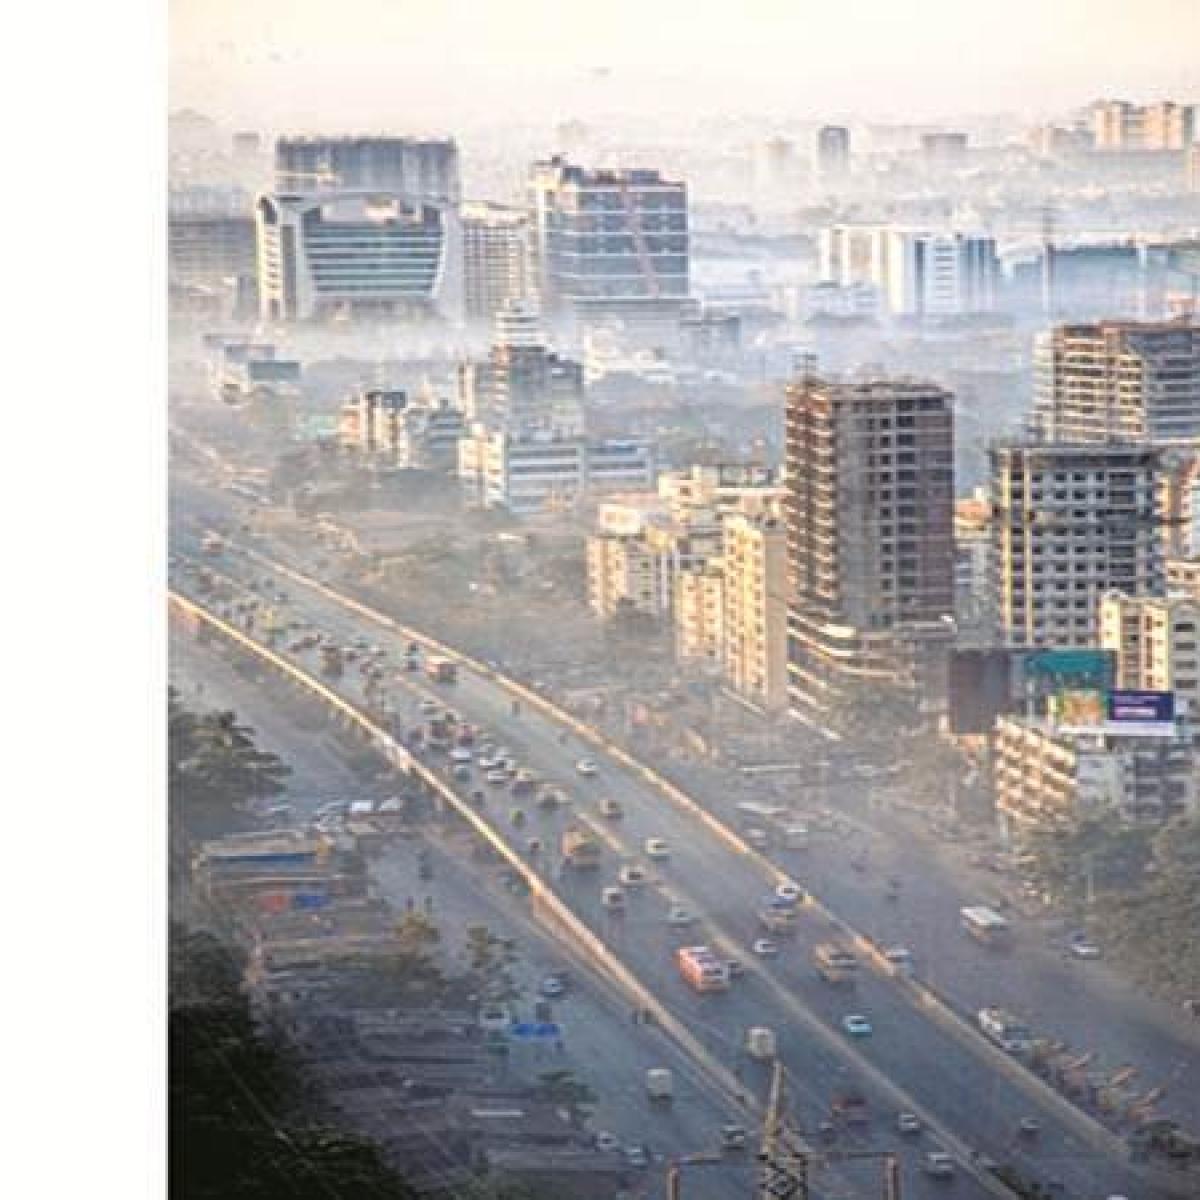 Mumbai won't sink but brace up for coastal hazards: Minister